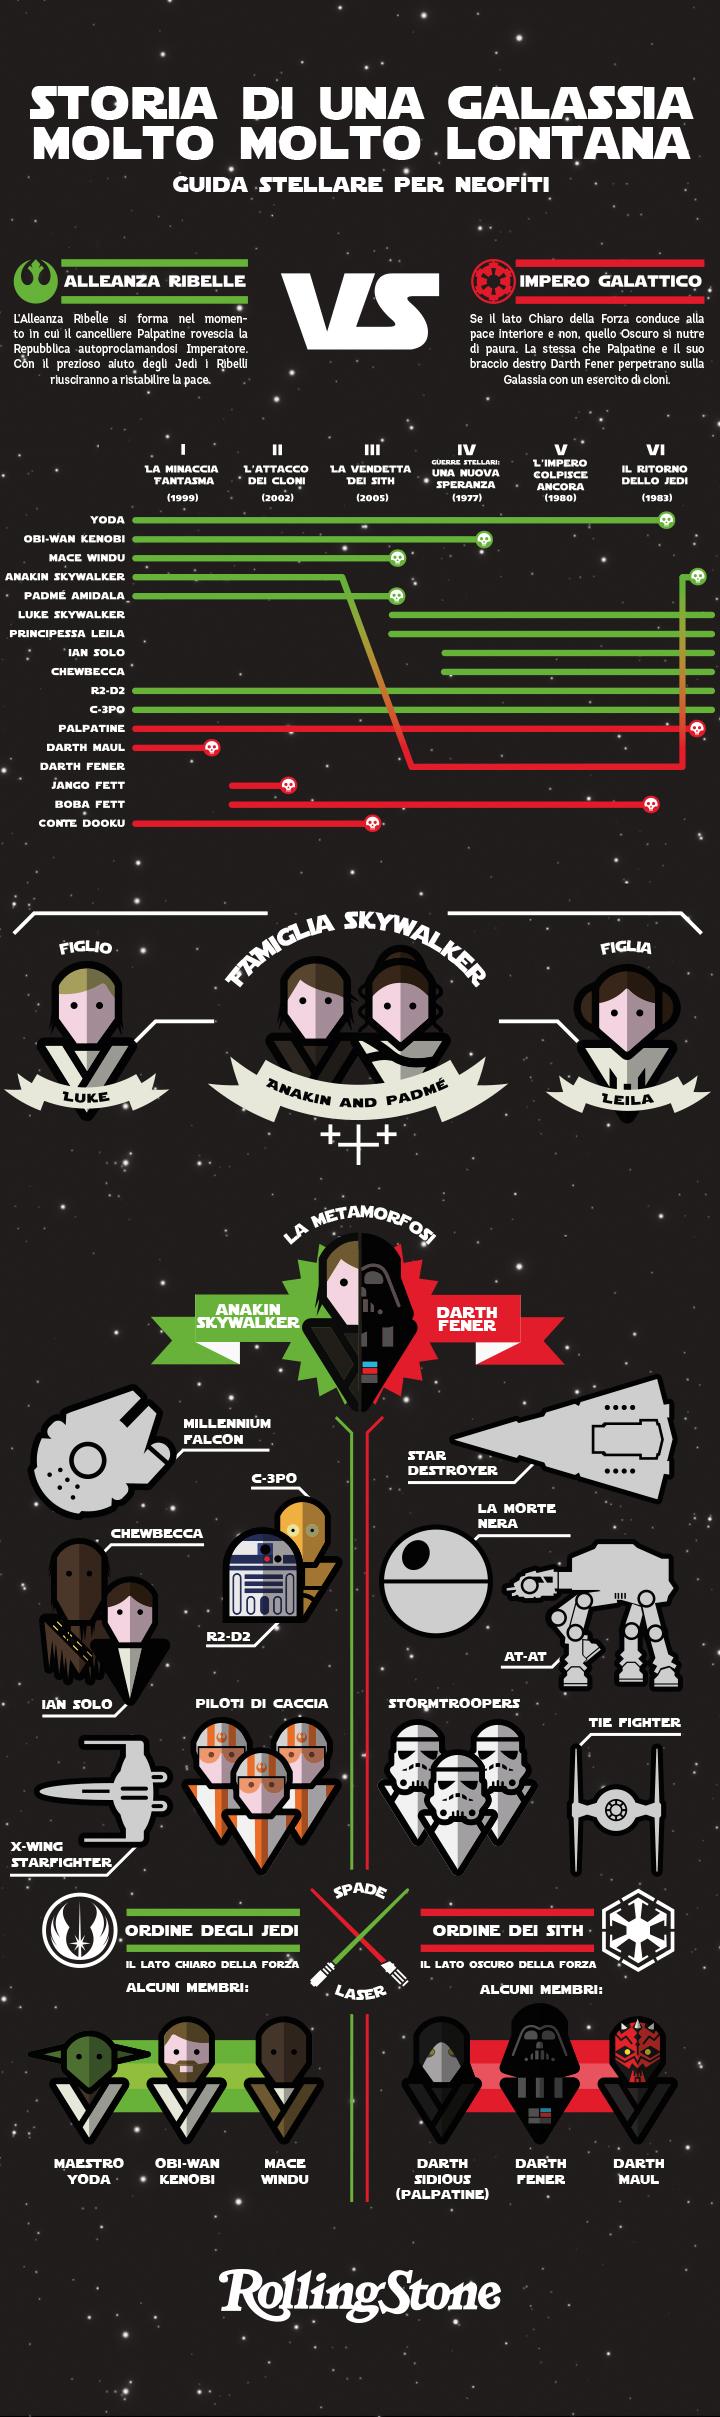 """""""Star Wars: Il Risveglio della Forza"""", infografica a cura di Sebastien Sardet e Claudio Biazzetti"""